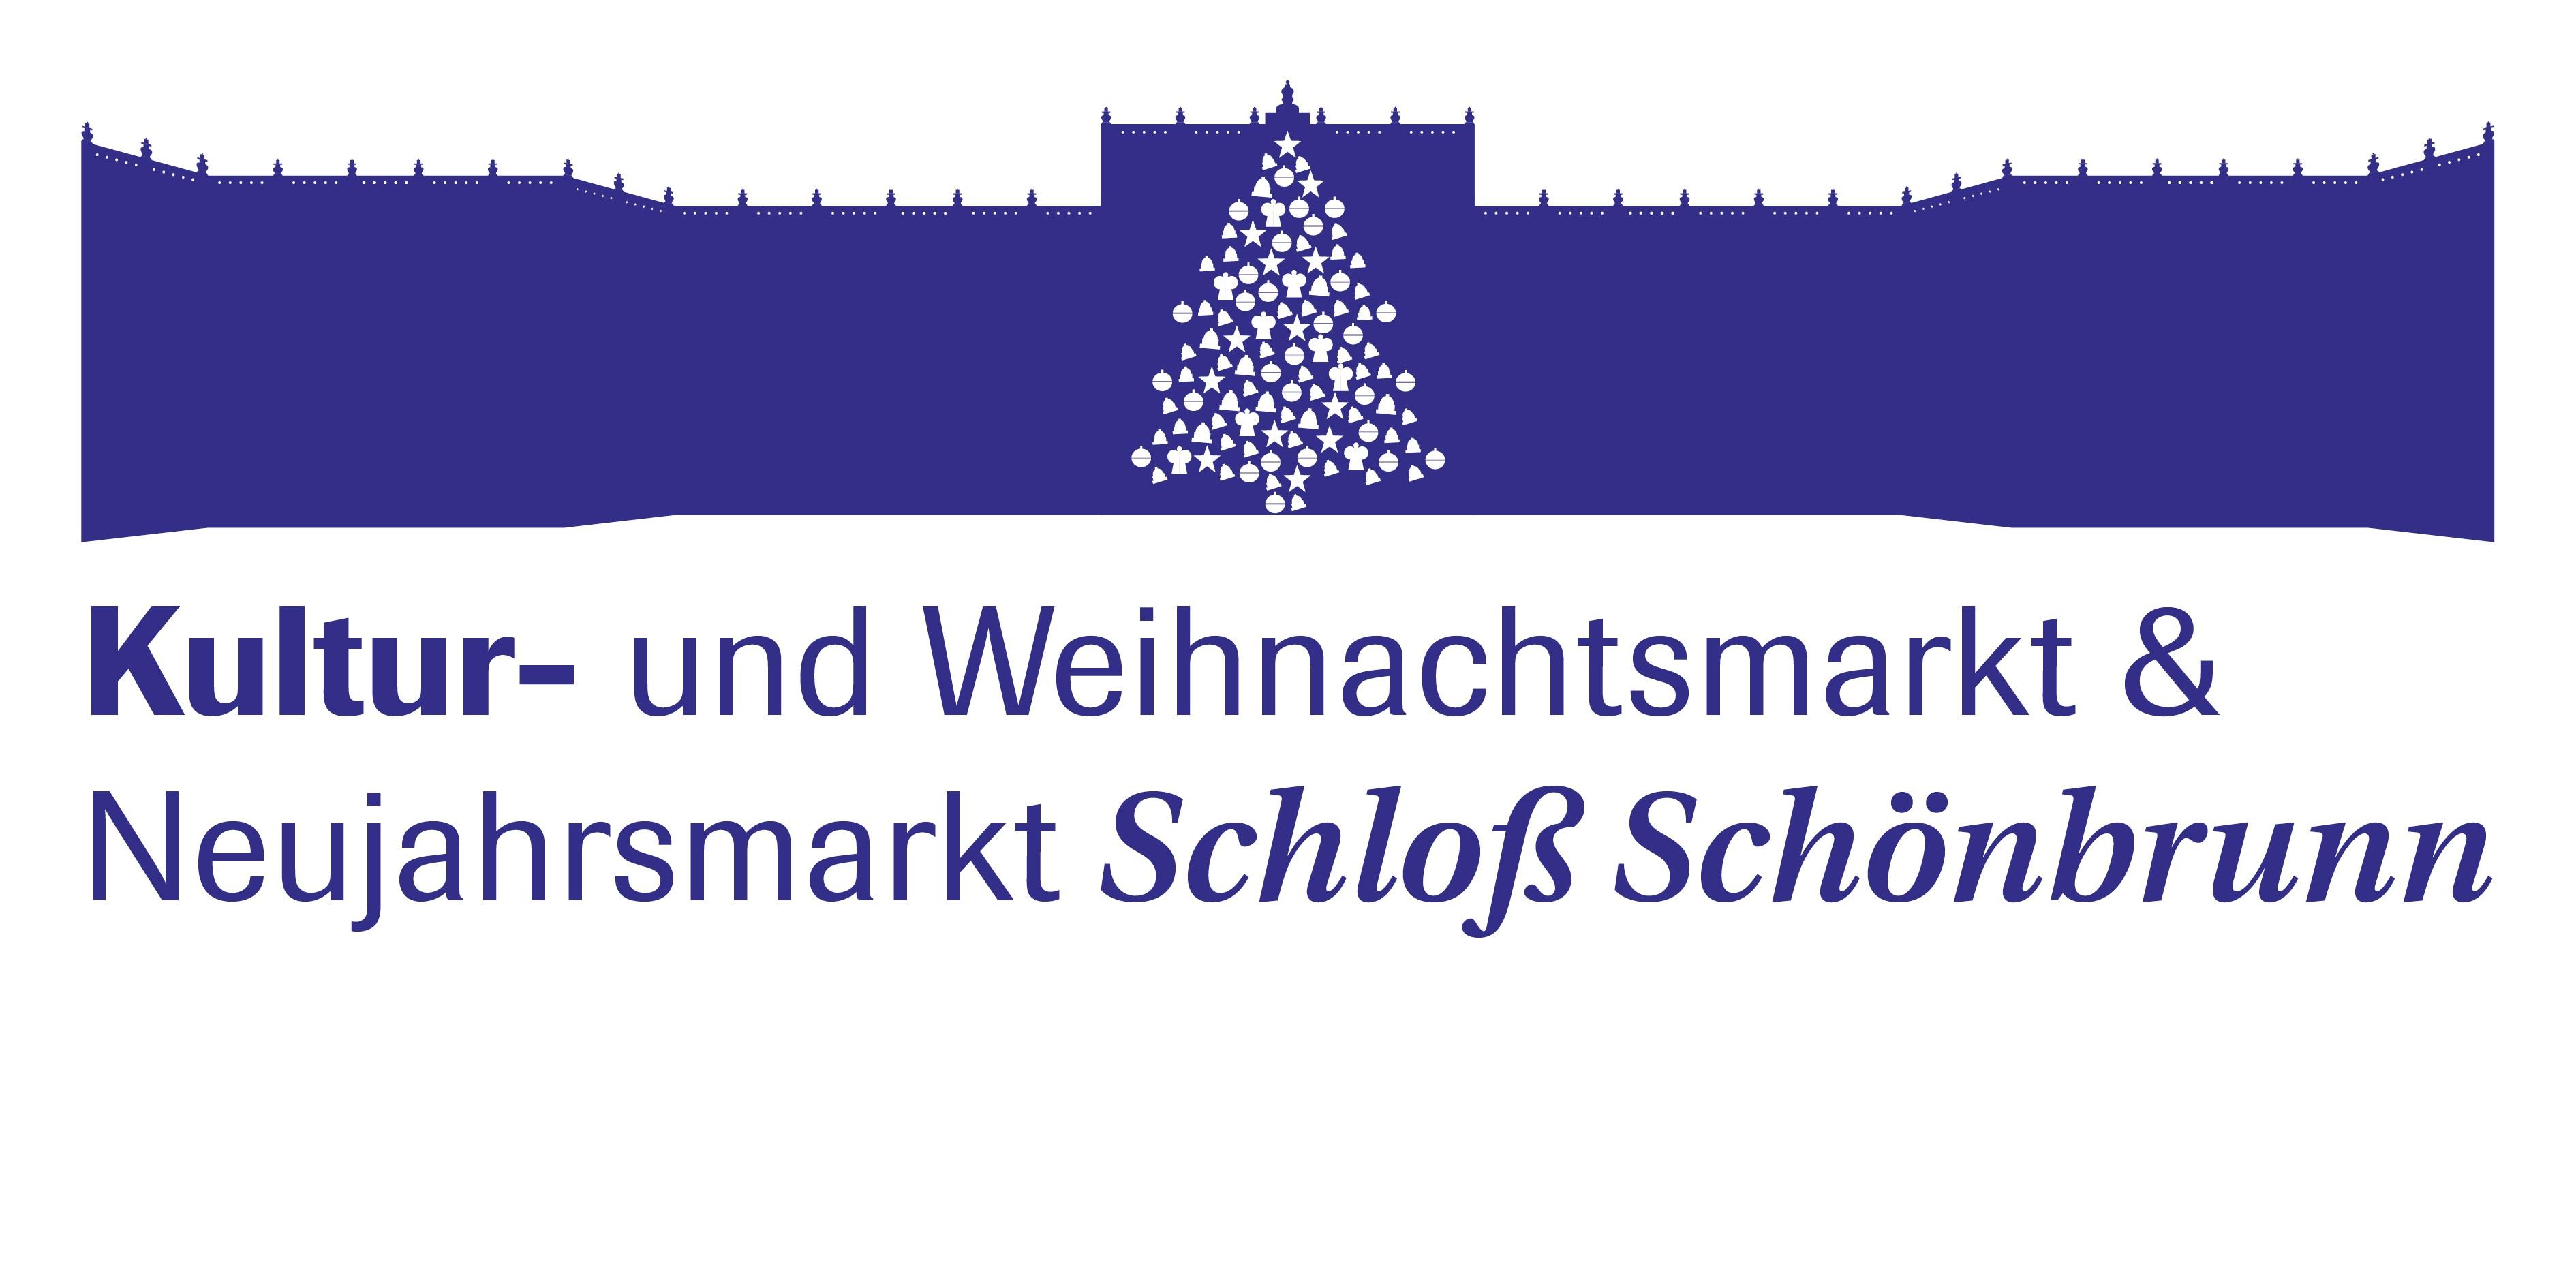 Kultur- und Weihnachtsmarkt